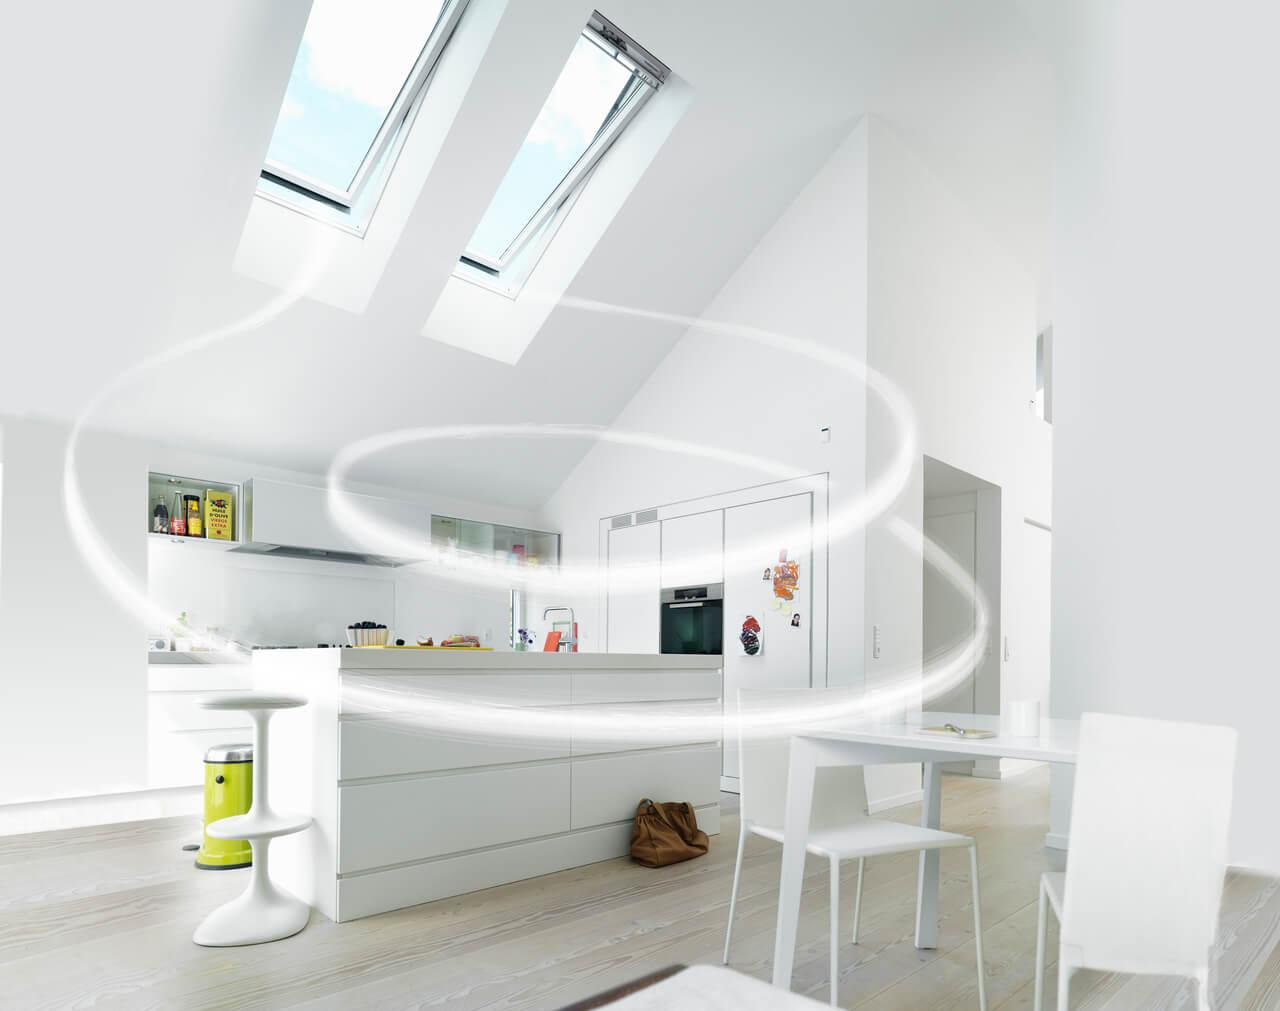 Full Size of Lüftung Küche Ohne Fenster Lüftung Küche Gastronomie Lüftung Küche Einbauen Dichtheitsklasse Lüftung Küche Küche Lüftung Küche